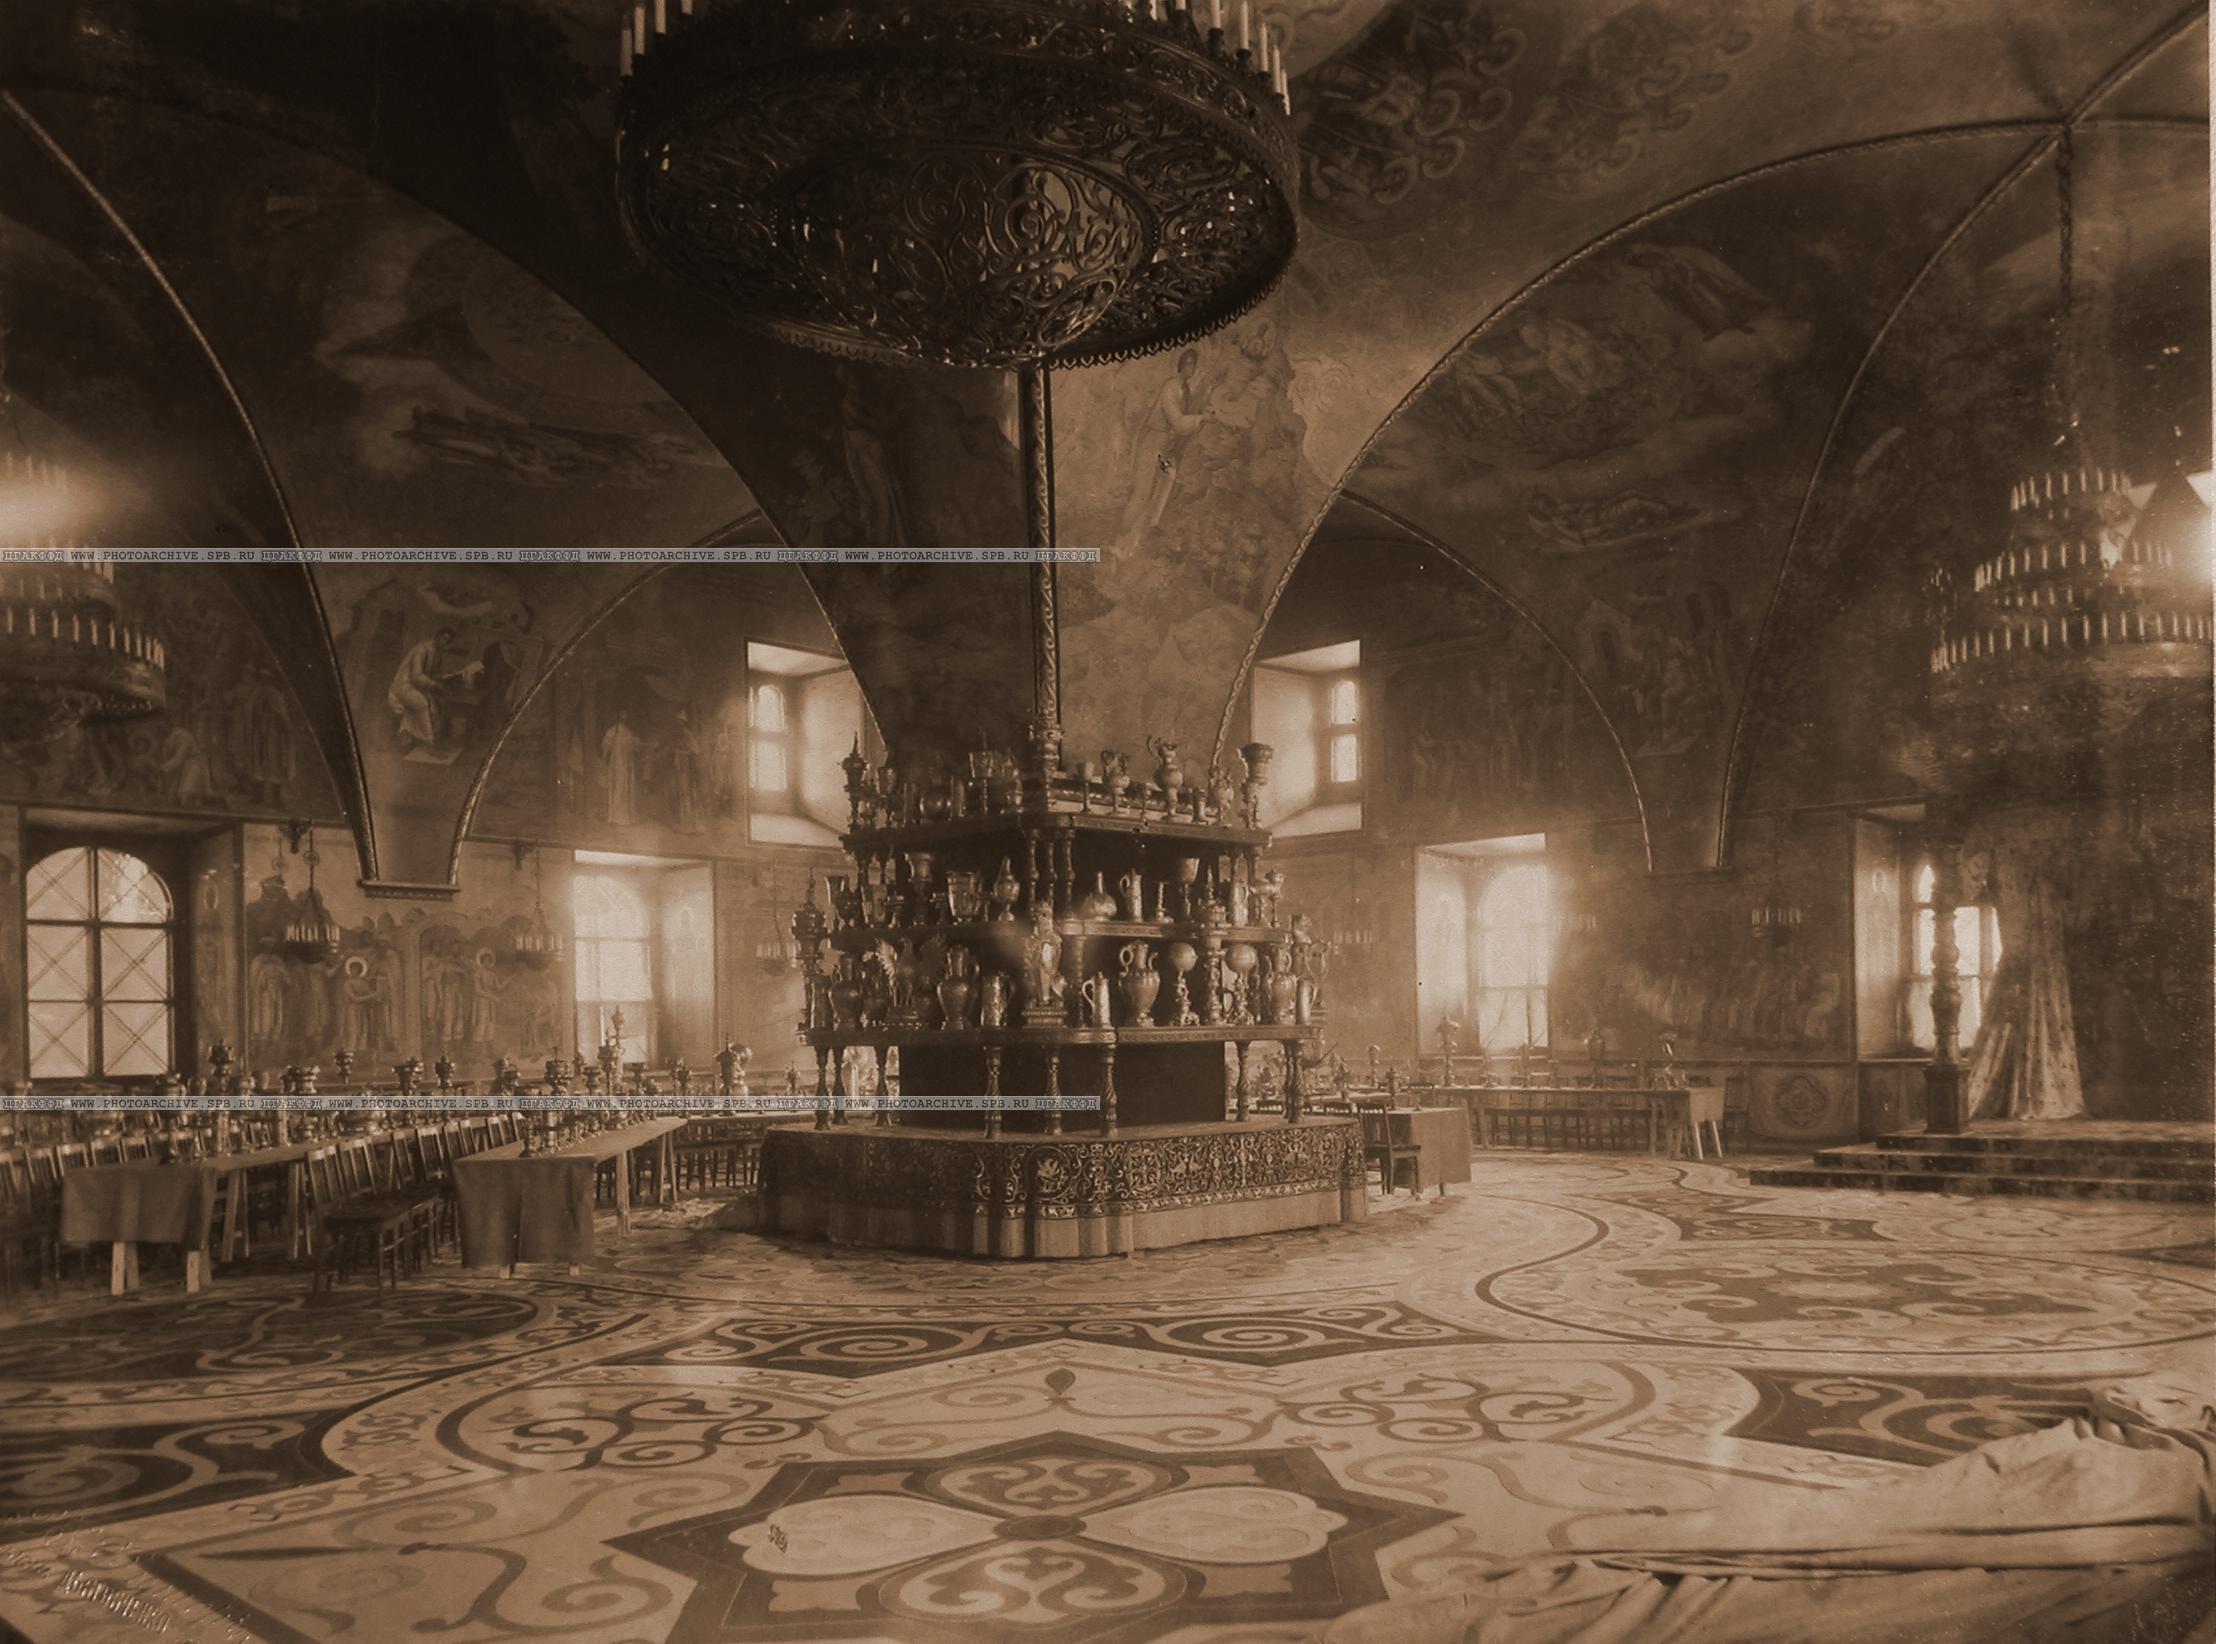 0_a84cf_56535a01_origИнтерьер Грановитой палаты с приготовленными столами для трапезы (сановников, высших духовных, военных и гражданских лиц), состоявшейся после окончания церемонии торжественной коронации